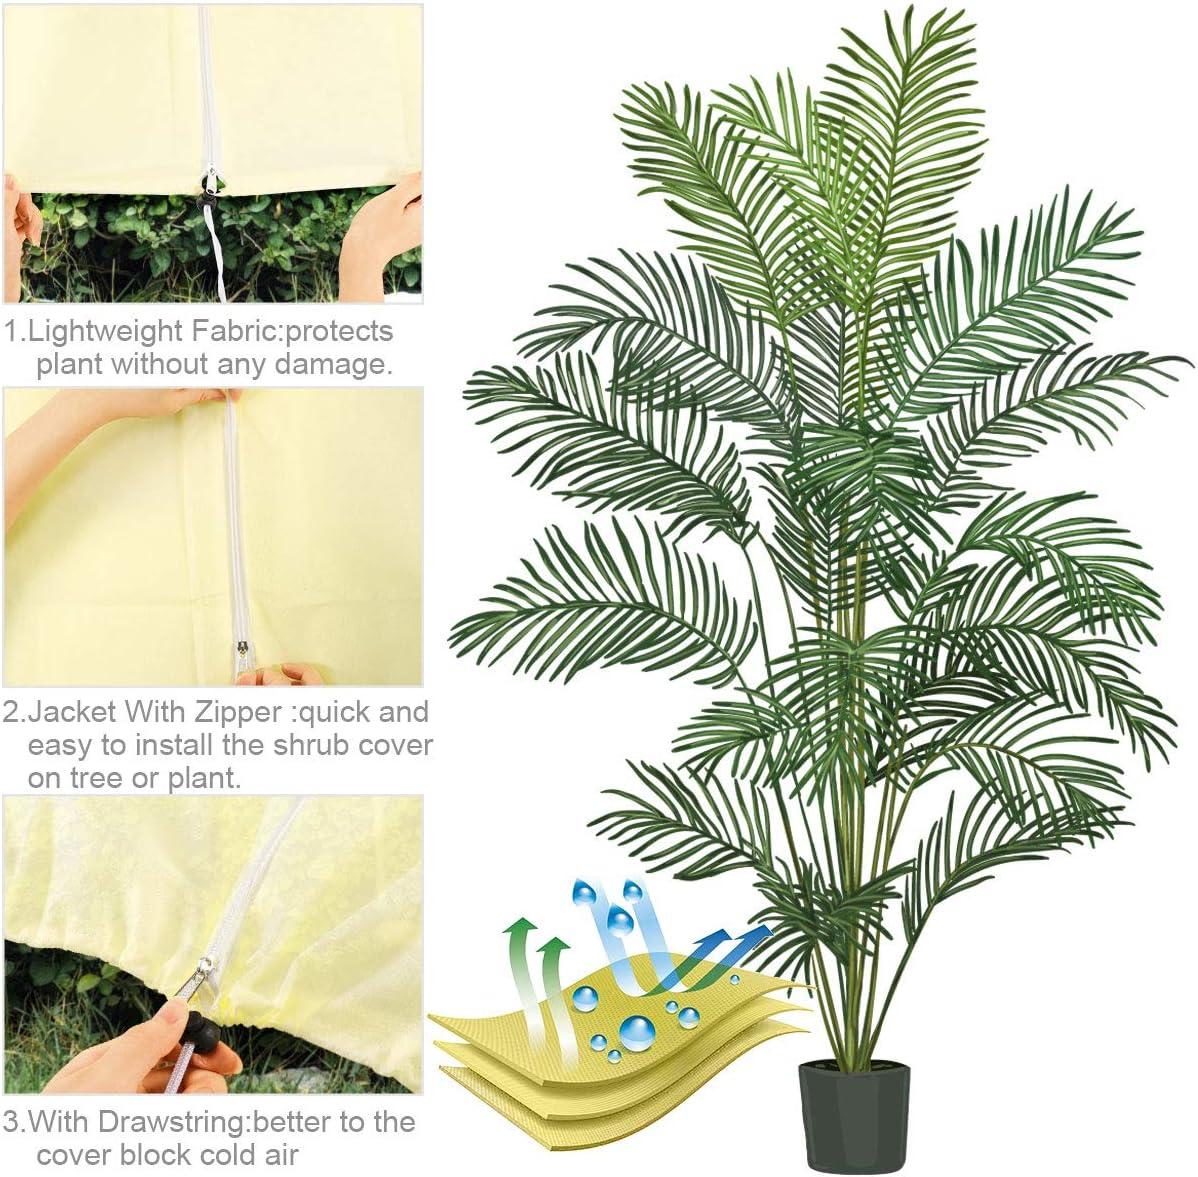 Protege de Bajas temperaturas los Cultivos de Plantas para Flores Arbustos /Árboles 180x120CM TOCYORIC Cubre Plantas Cubiertas de Protecci/ón Vegetal Funda Protectora para Plantas